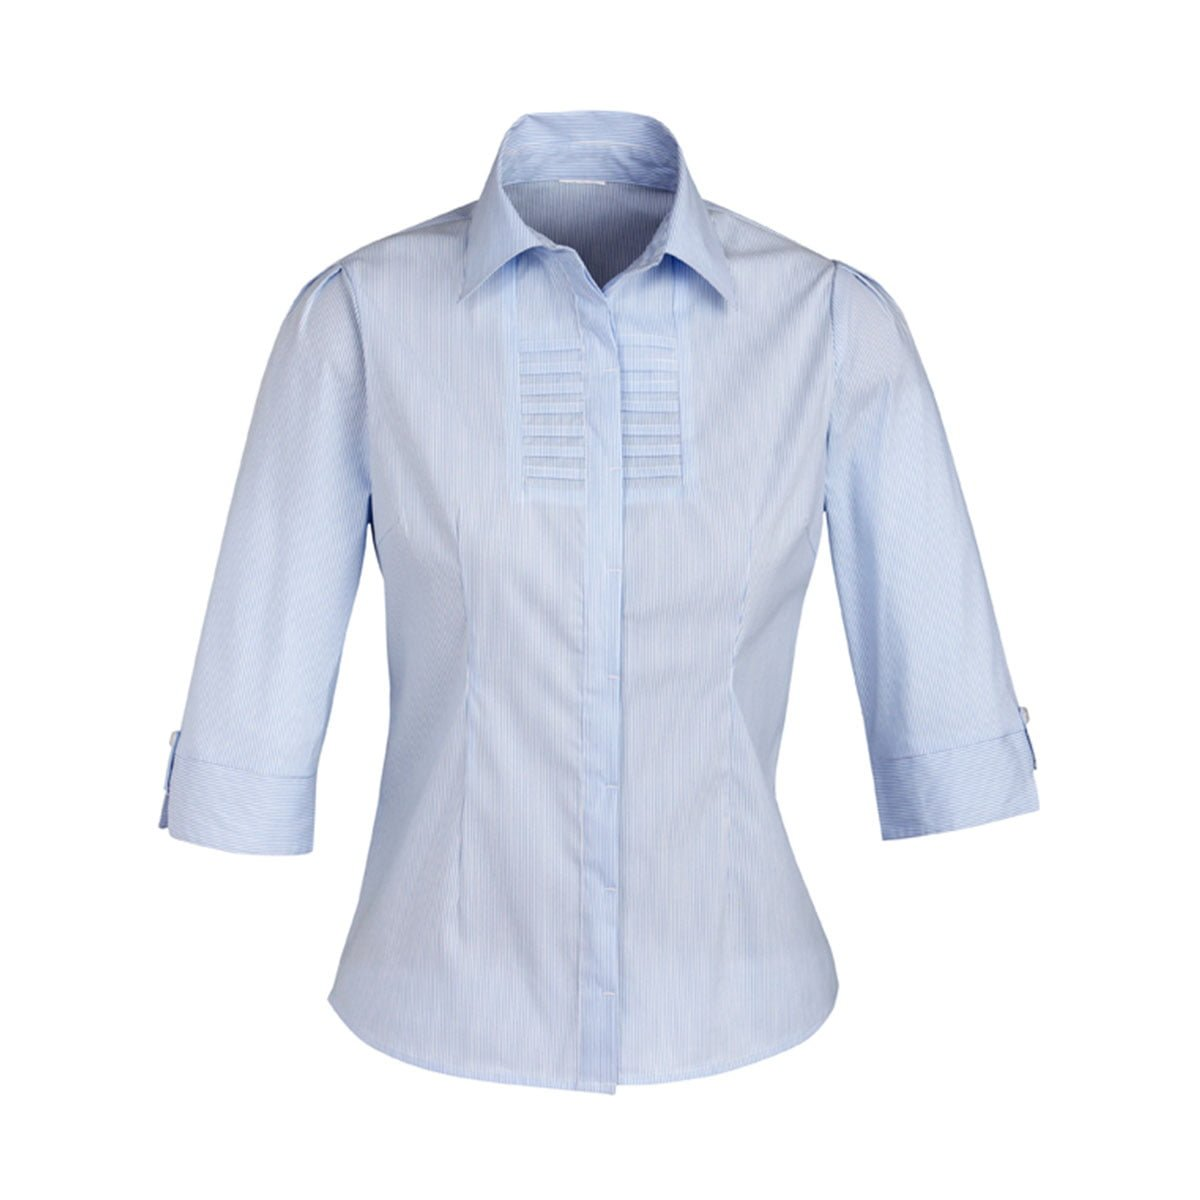 Ladies Berlin 3/4 Sleeve Shirt-Blue Stripe